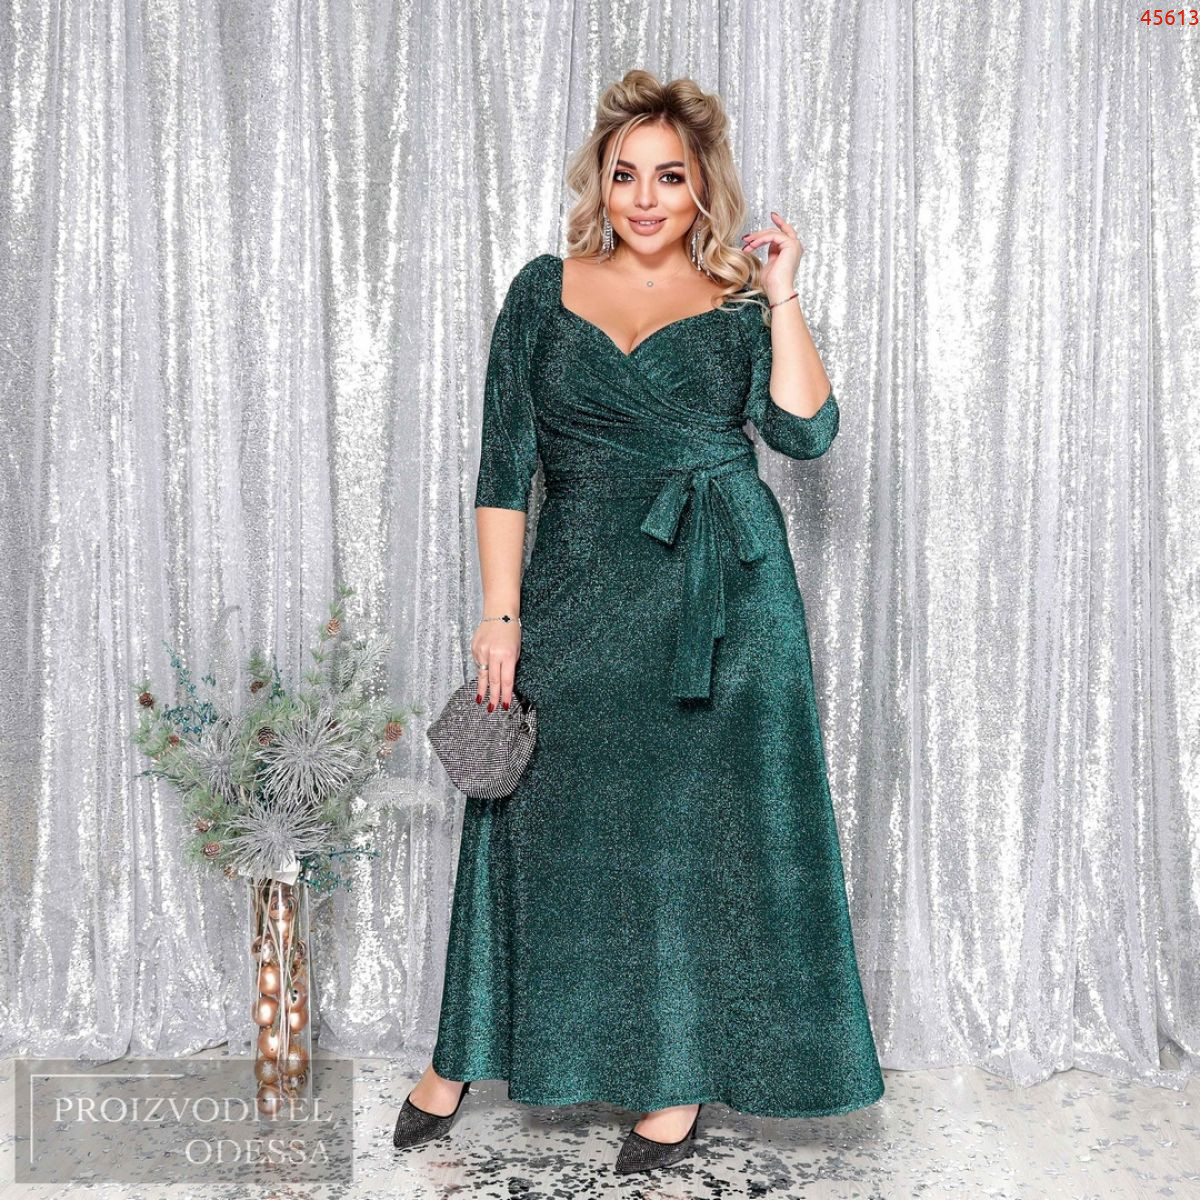 Платье №45613